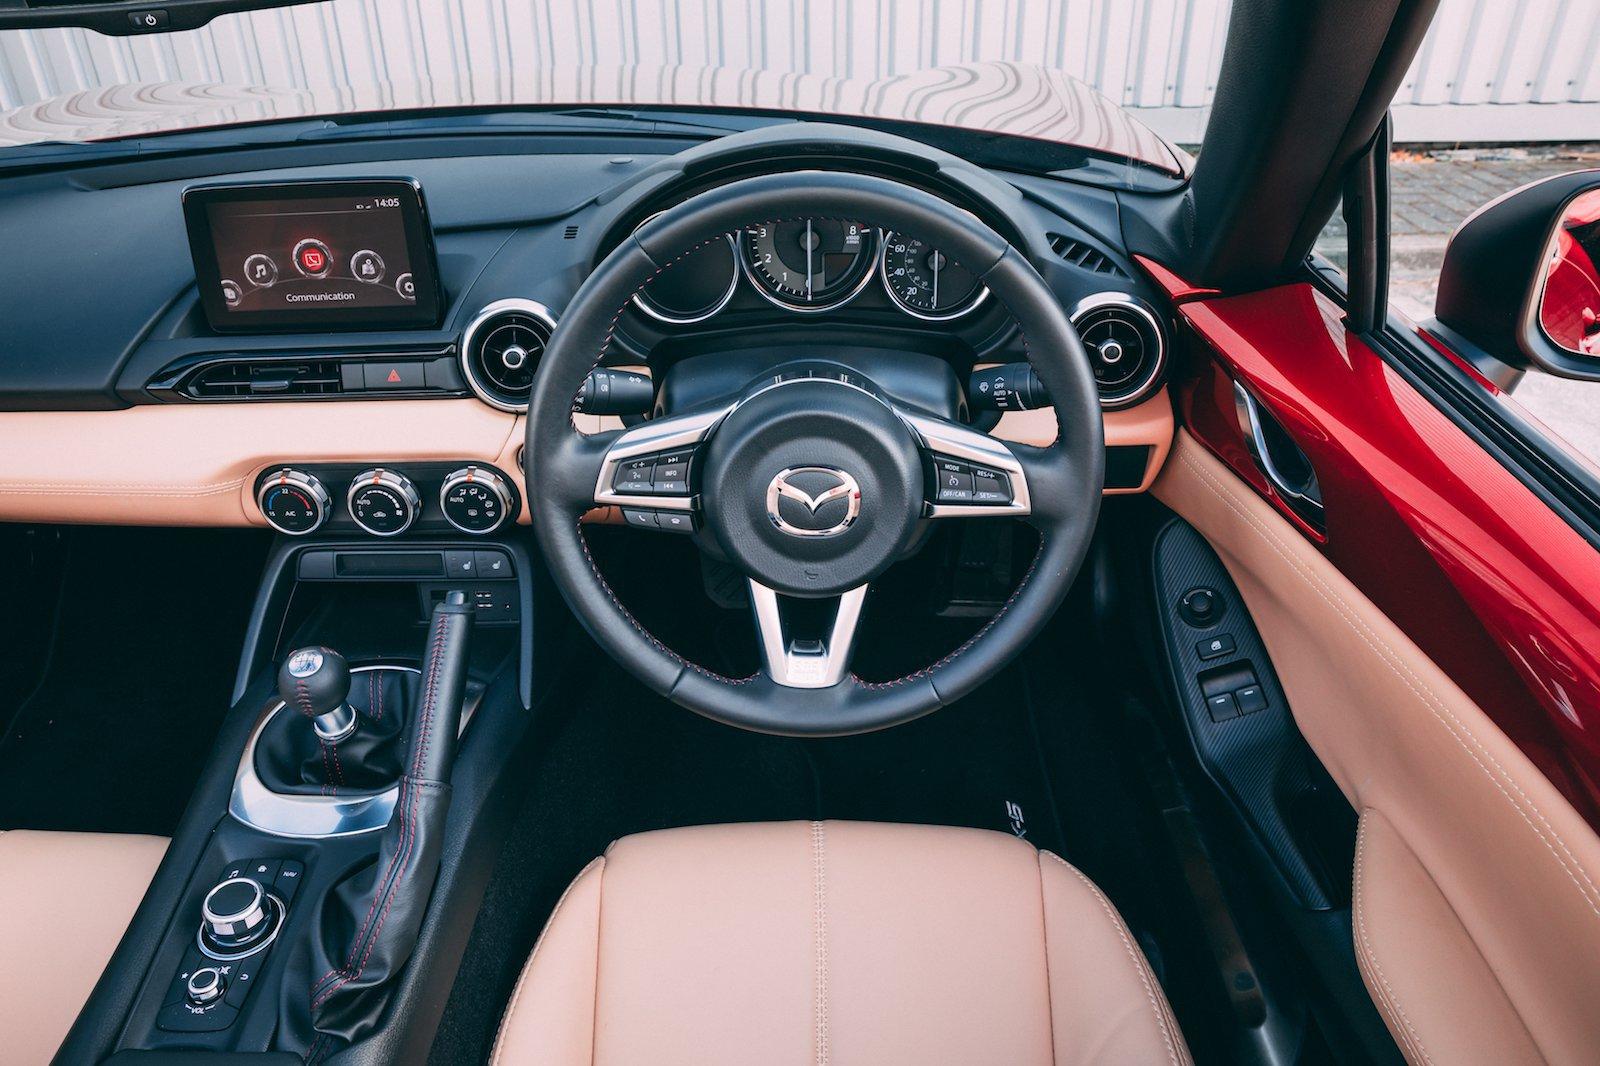 Mazda MX-5 2.0 Sport Nav+ - interior